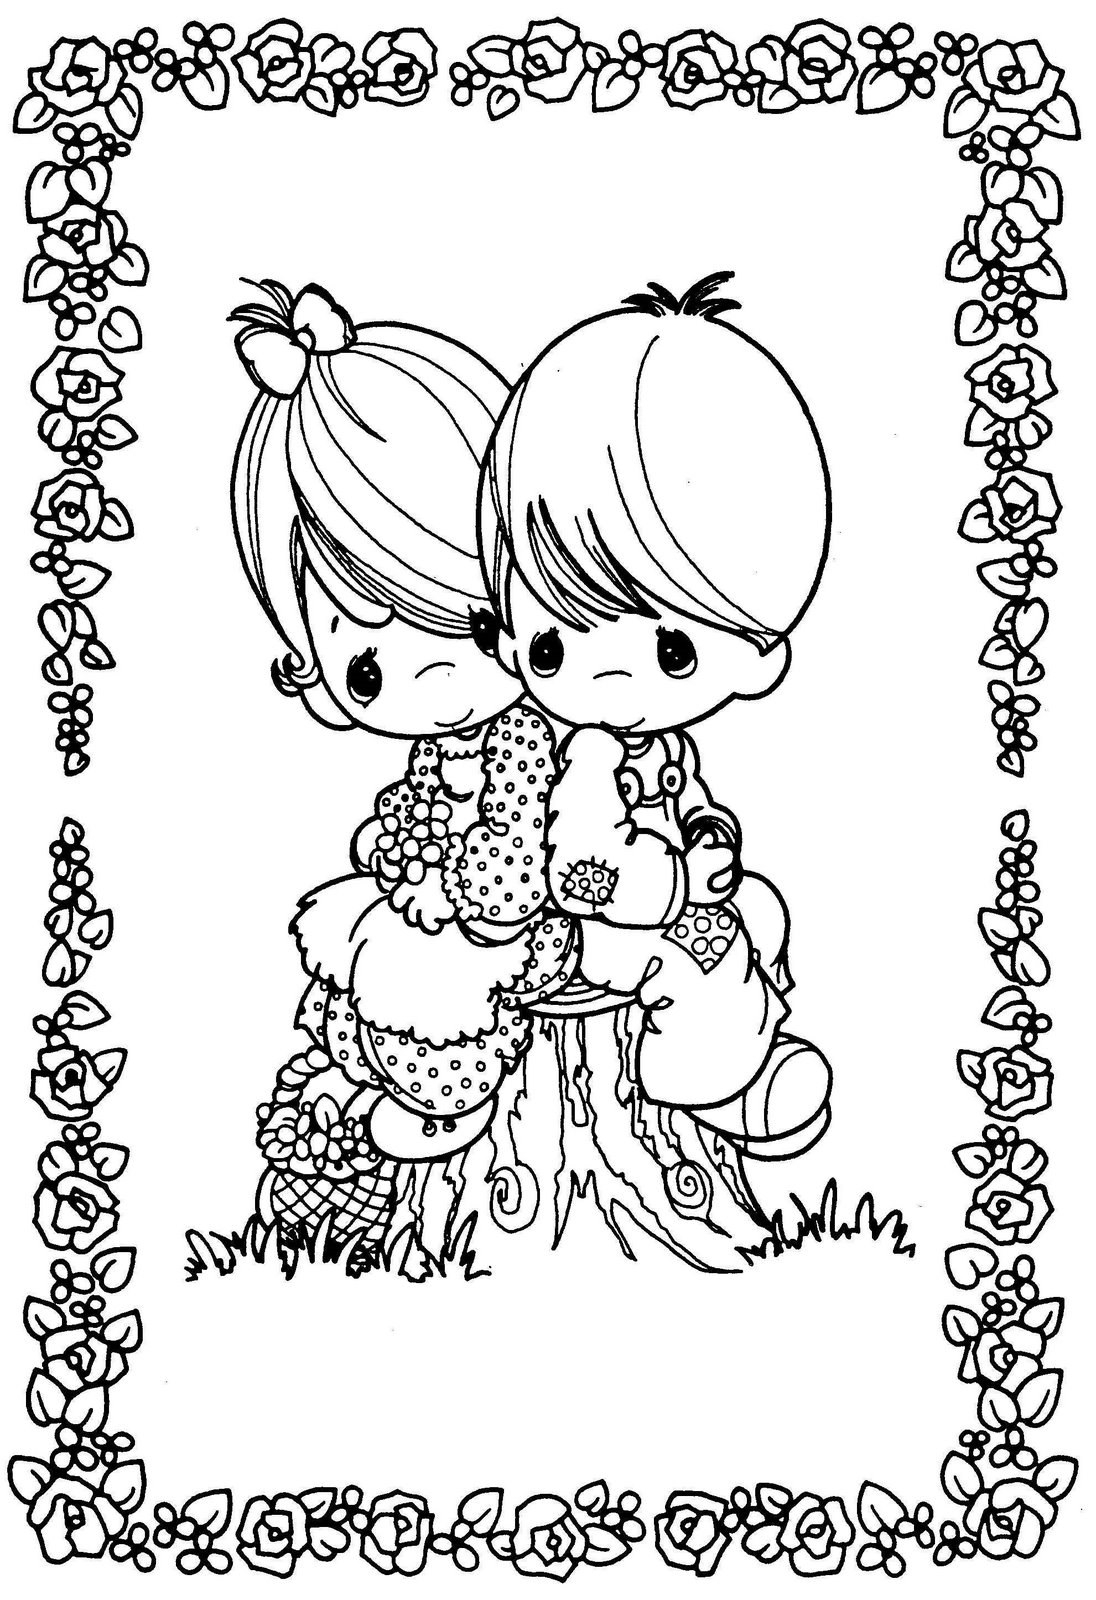 dibujos de preciosos momentos dibujos del dia del amor para colorear ...